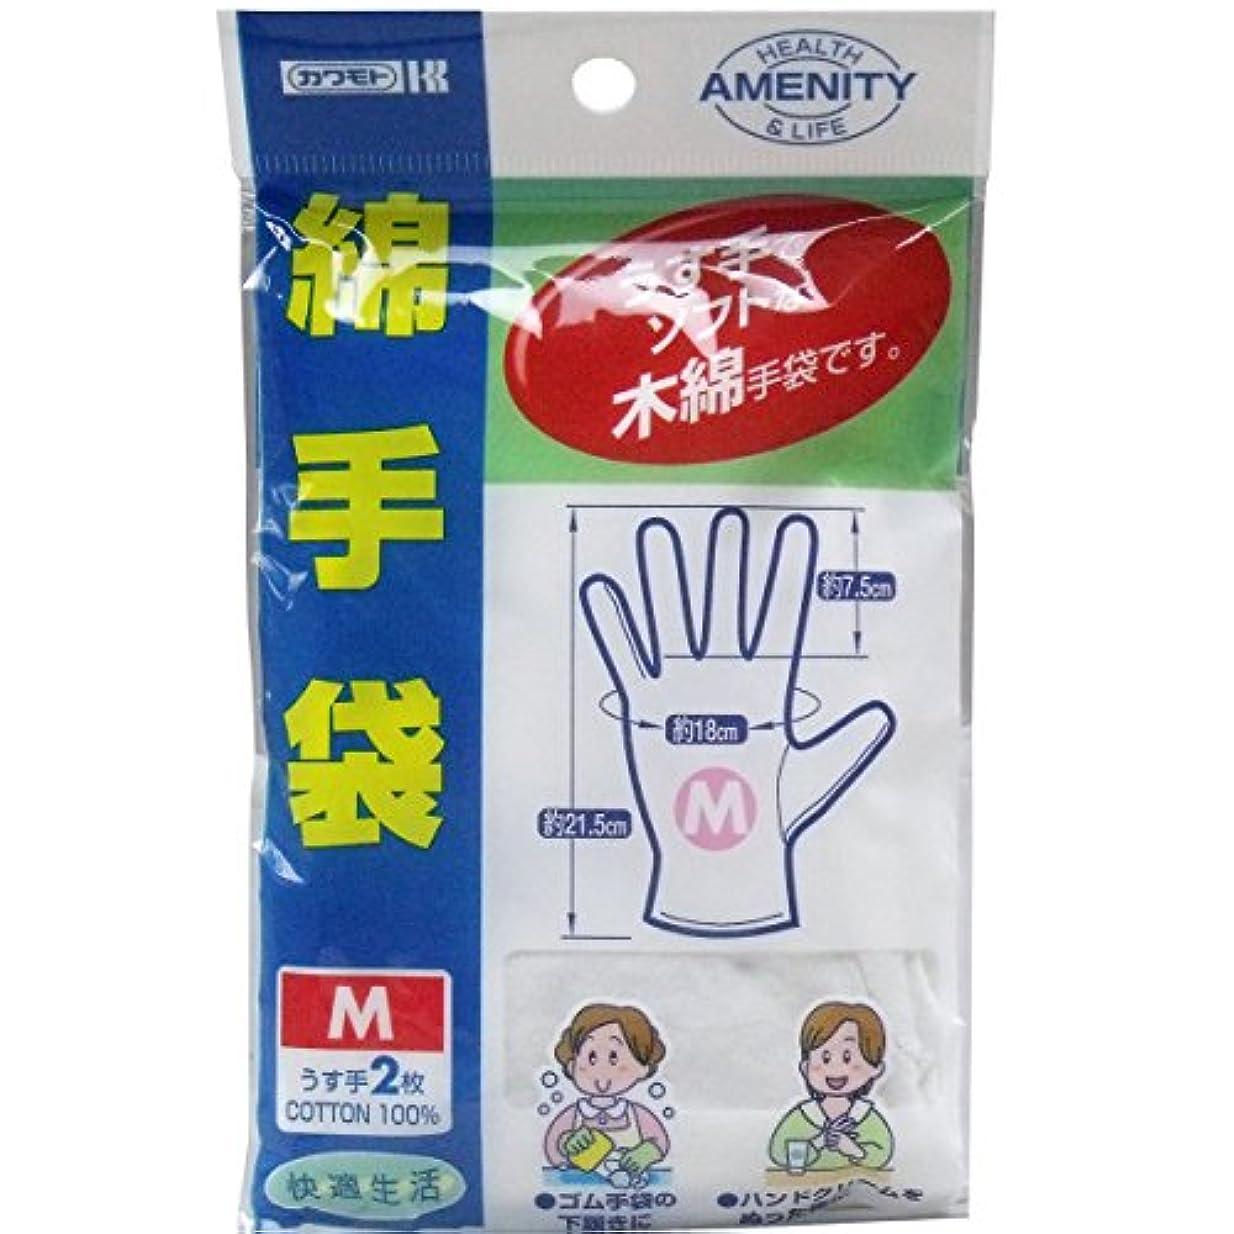 以前は最悪広げる【セット品】綿手袋 Mサイズ うす手2枚入 7個